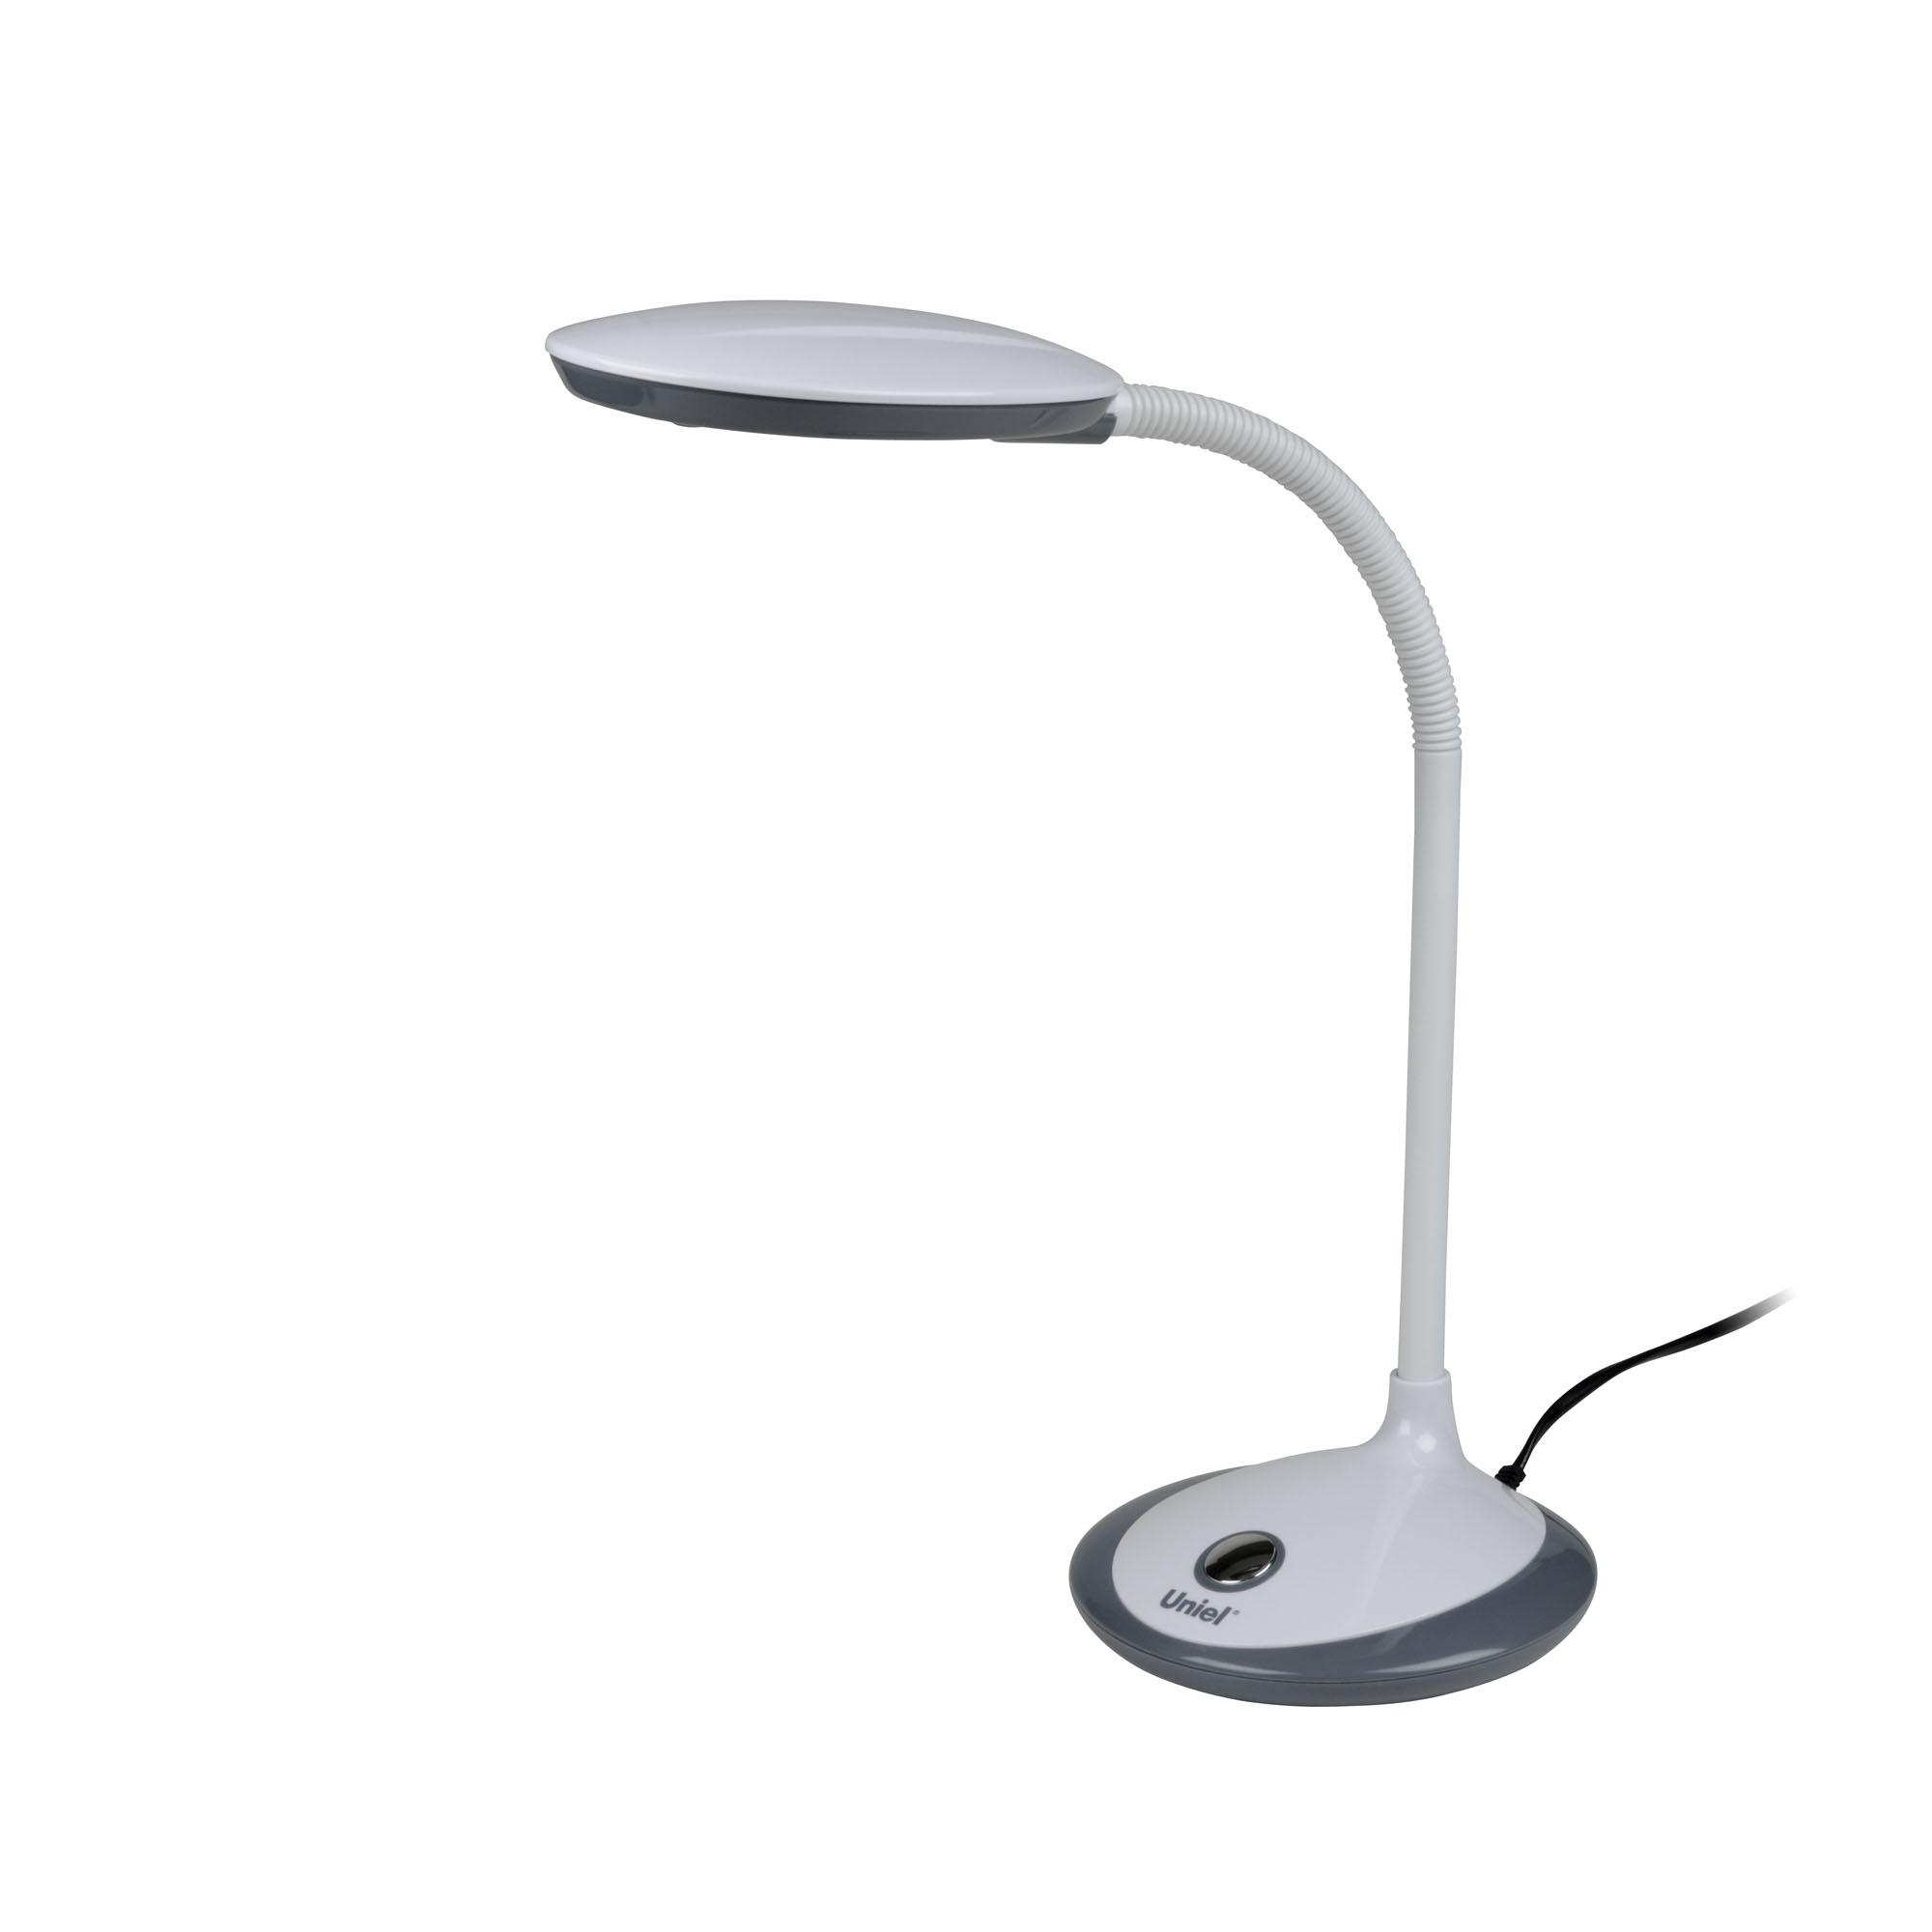 Лампа настольная UnielЛампы настольные<br>Тип настольной лампы: ученическая/офисная, Назначение светильника: настольный, Стиль светильника: современный, Материал светильника: пластик, Количество ламп: 1, Тип лампы: светодиодная, Мощность: 4, Патрон: LED, Цвет арматуры: белый, Будильник: нет<br>